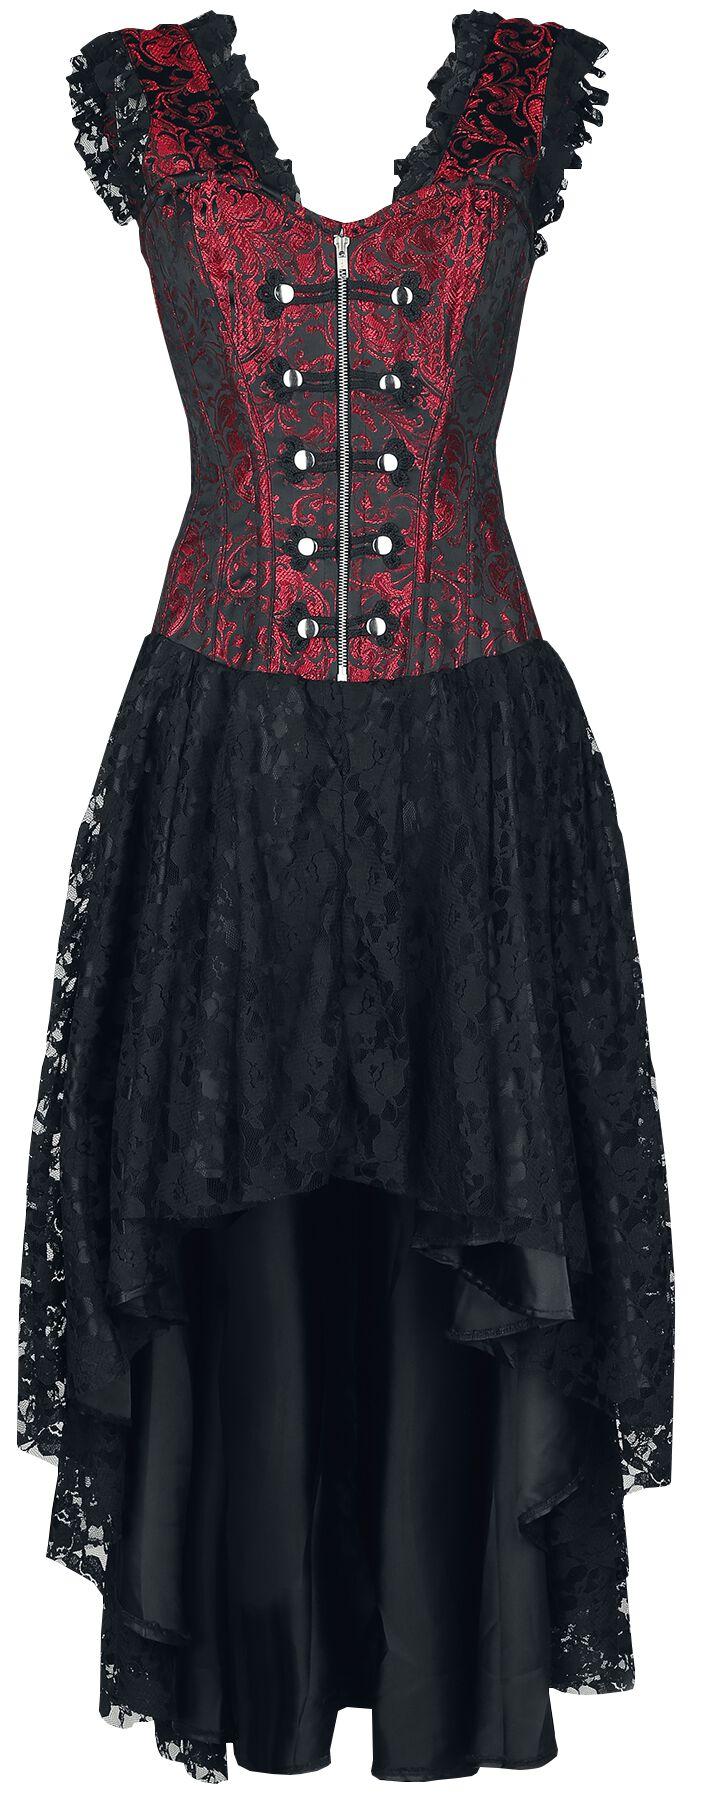 Image of   Burleska Gypsy kjole Kjole sort-rød